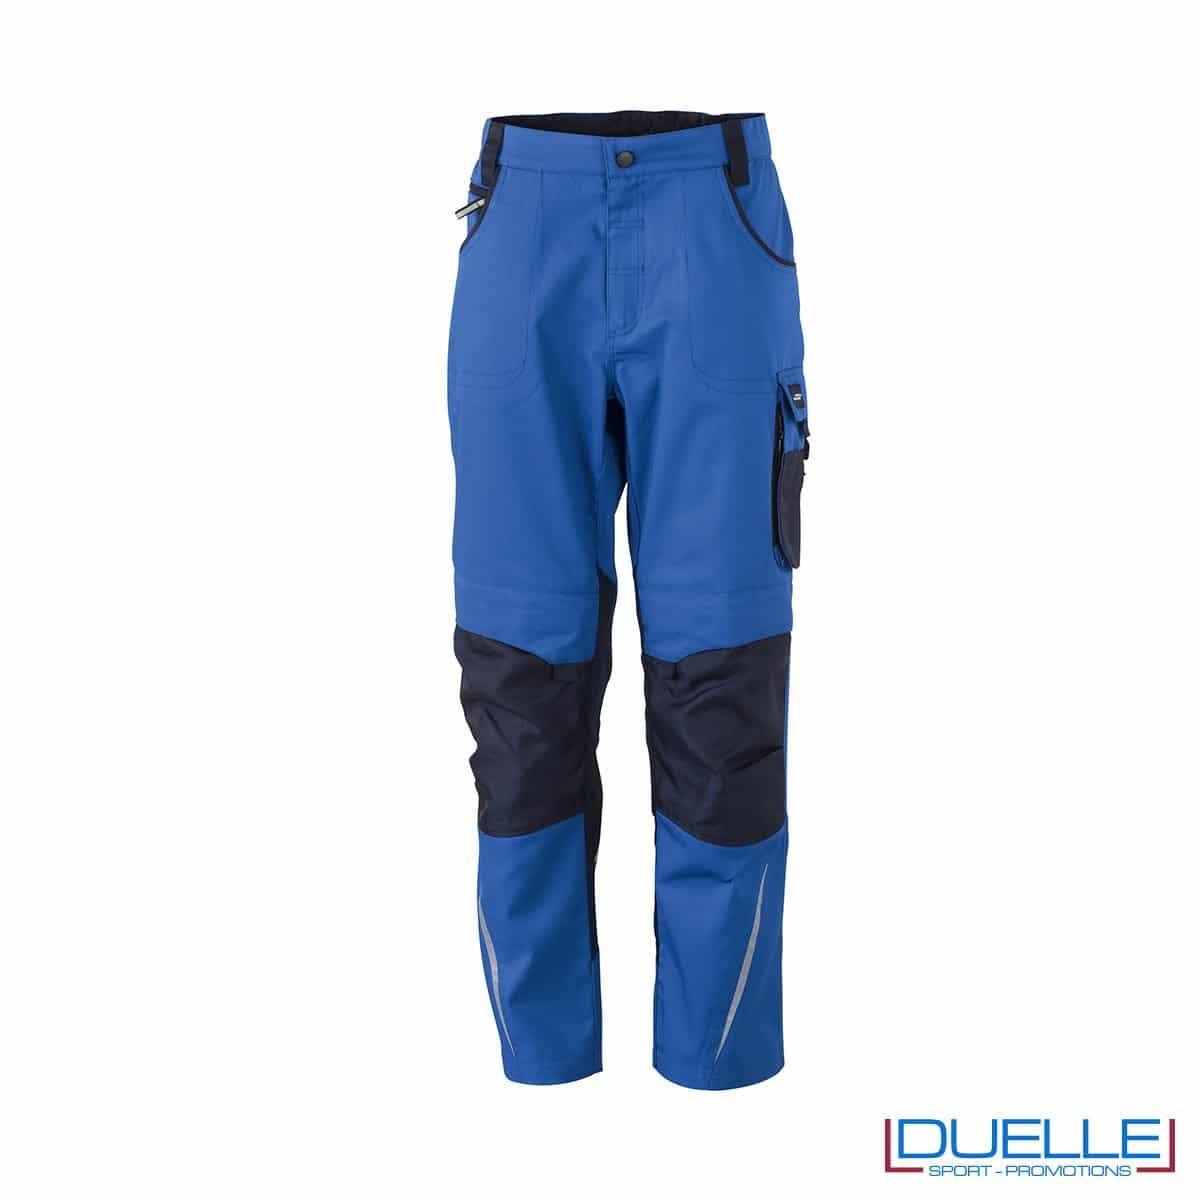 Pantalone da lavoro professionale personalizzato colore blu royal